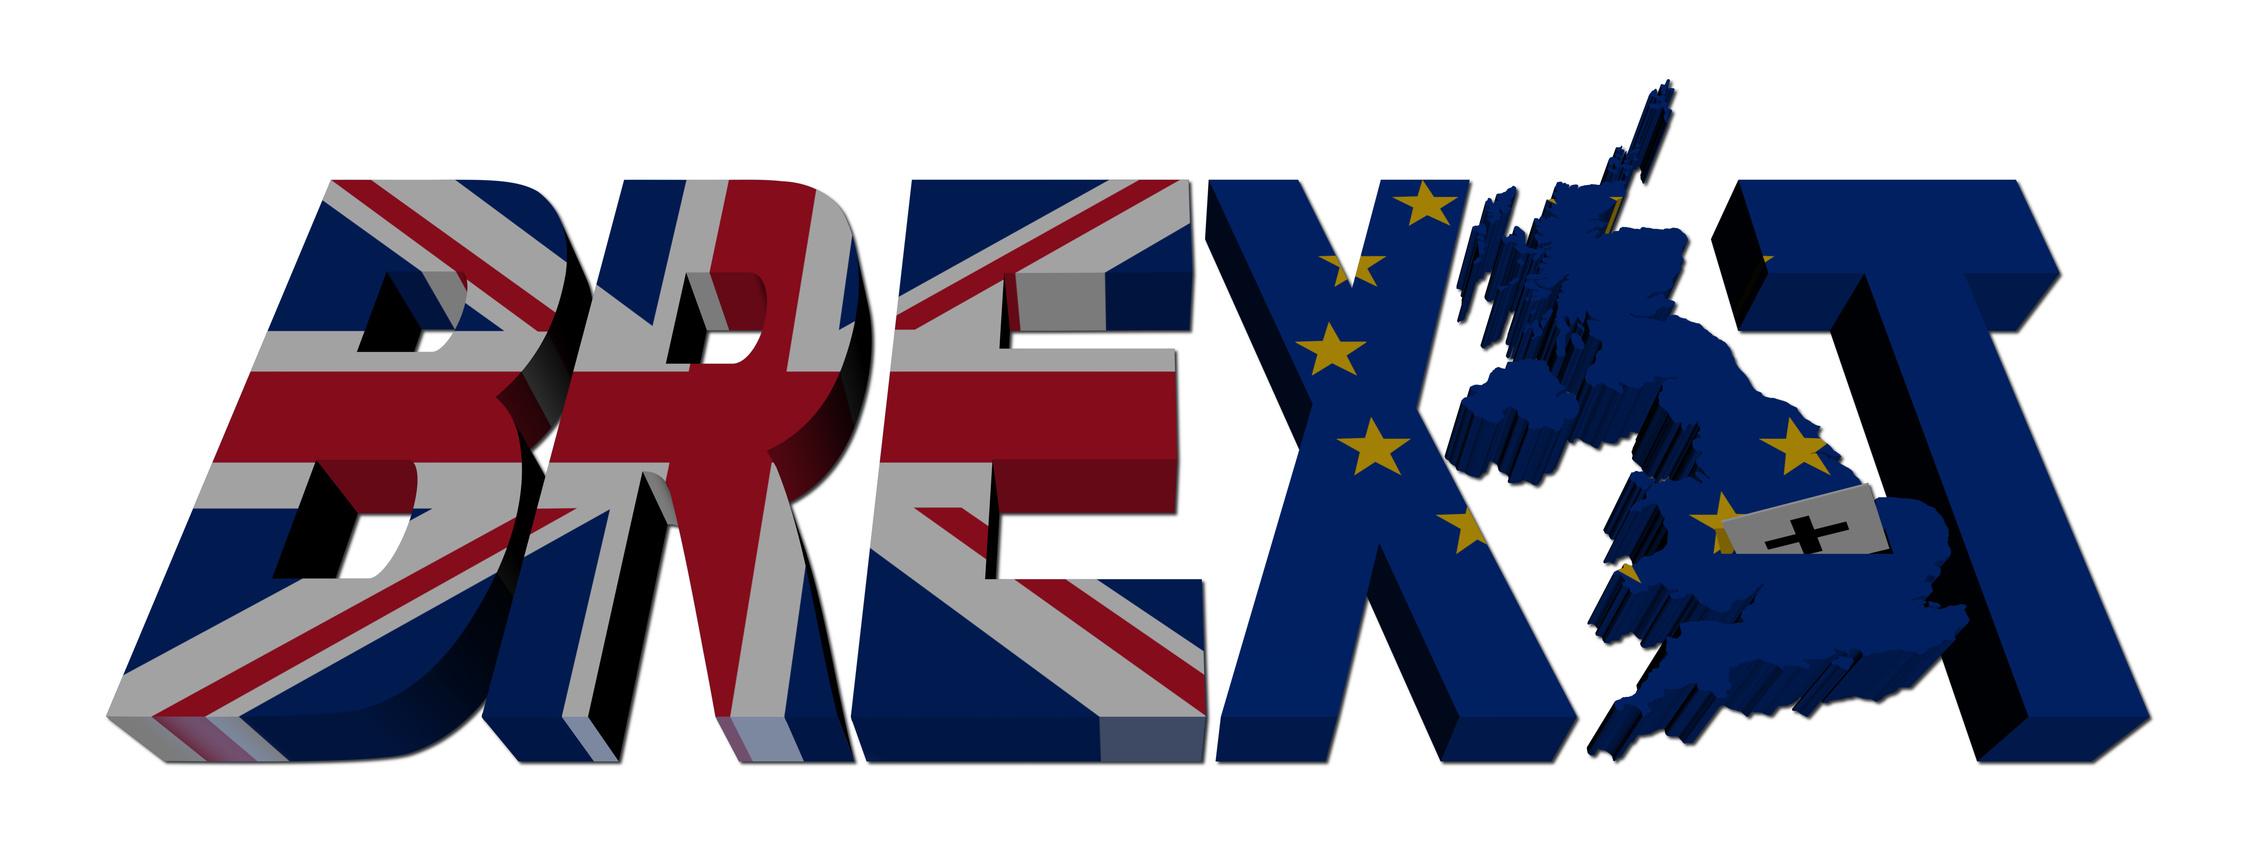 همهپرسی انگلیس و خسارت سه هزار میلیارد دلاری اقتصاد جهان